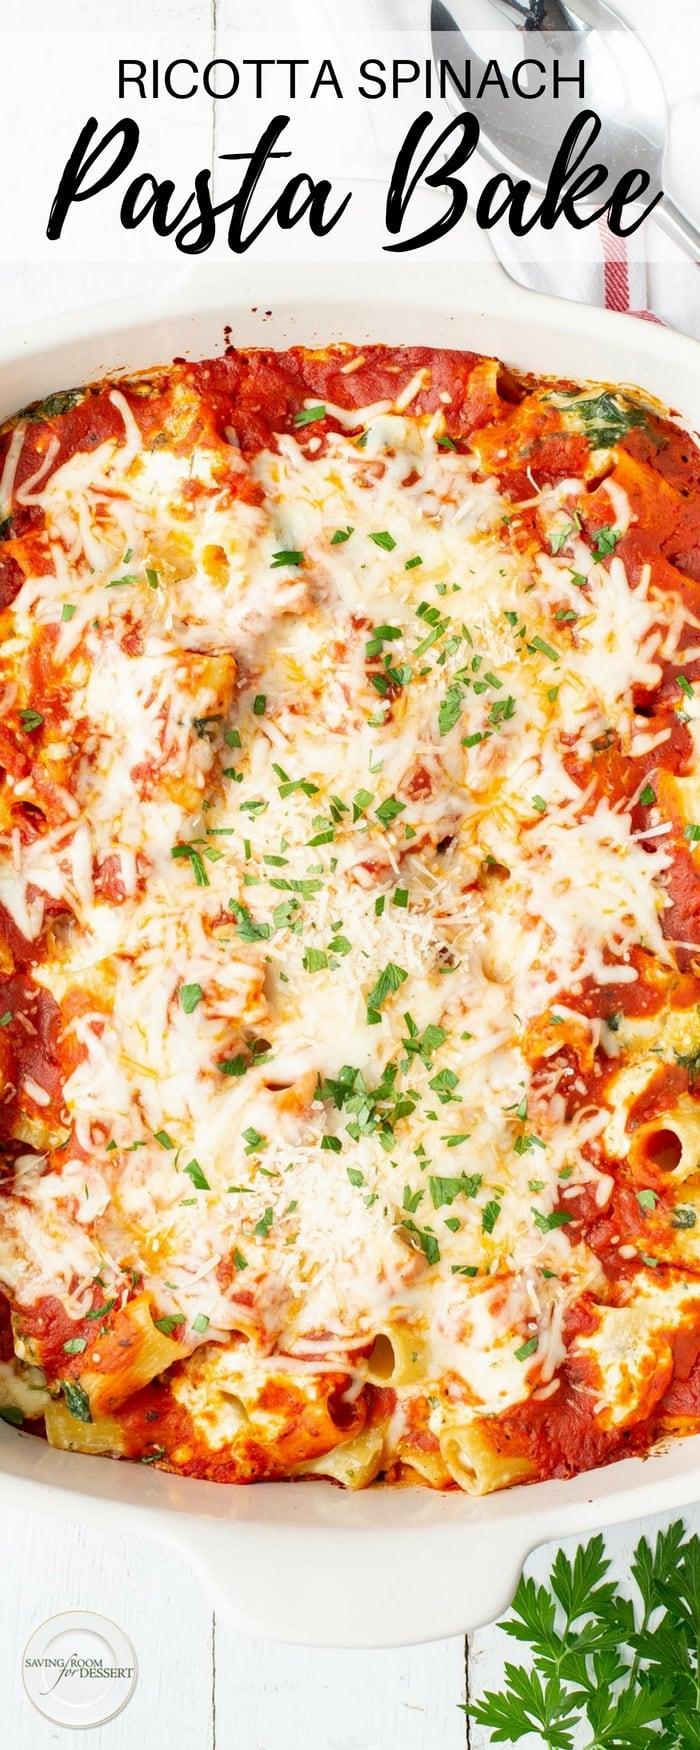 Ricotta & Spinach Pasta Bake - all the flavors we love in ricotta stuffed jumbo pasta shells, but so much easier in this deconstructed casserole! #pasta #easydinner #makeaheaddinner #pastabake #ricottabake #ricotta #spinach #savingroomfordessert